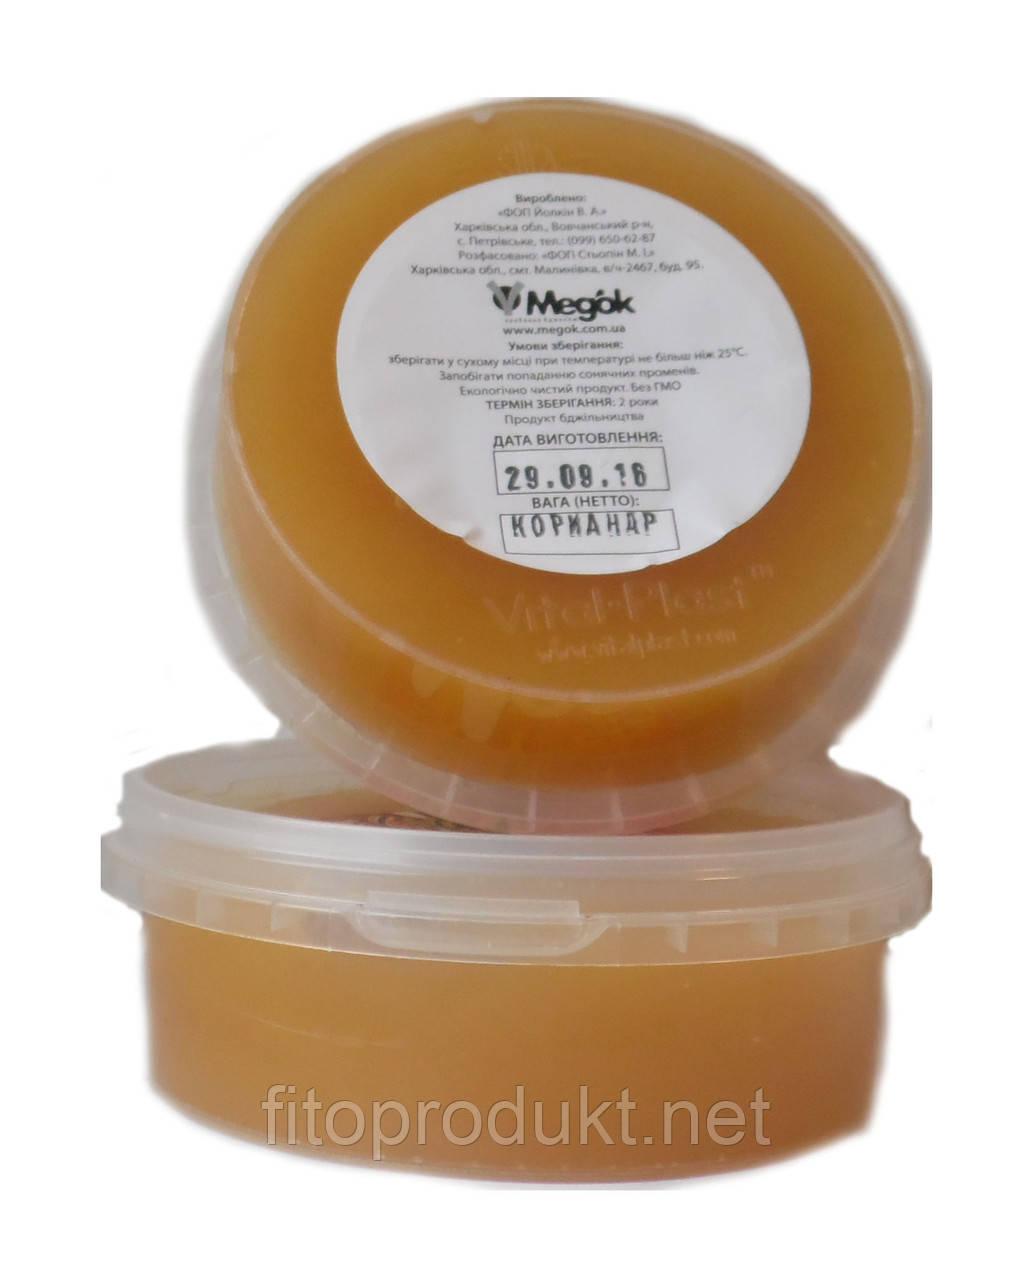 Мед цветочный Кориандр от компании Медок, 200 г